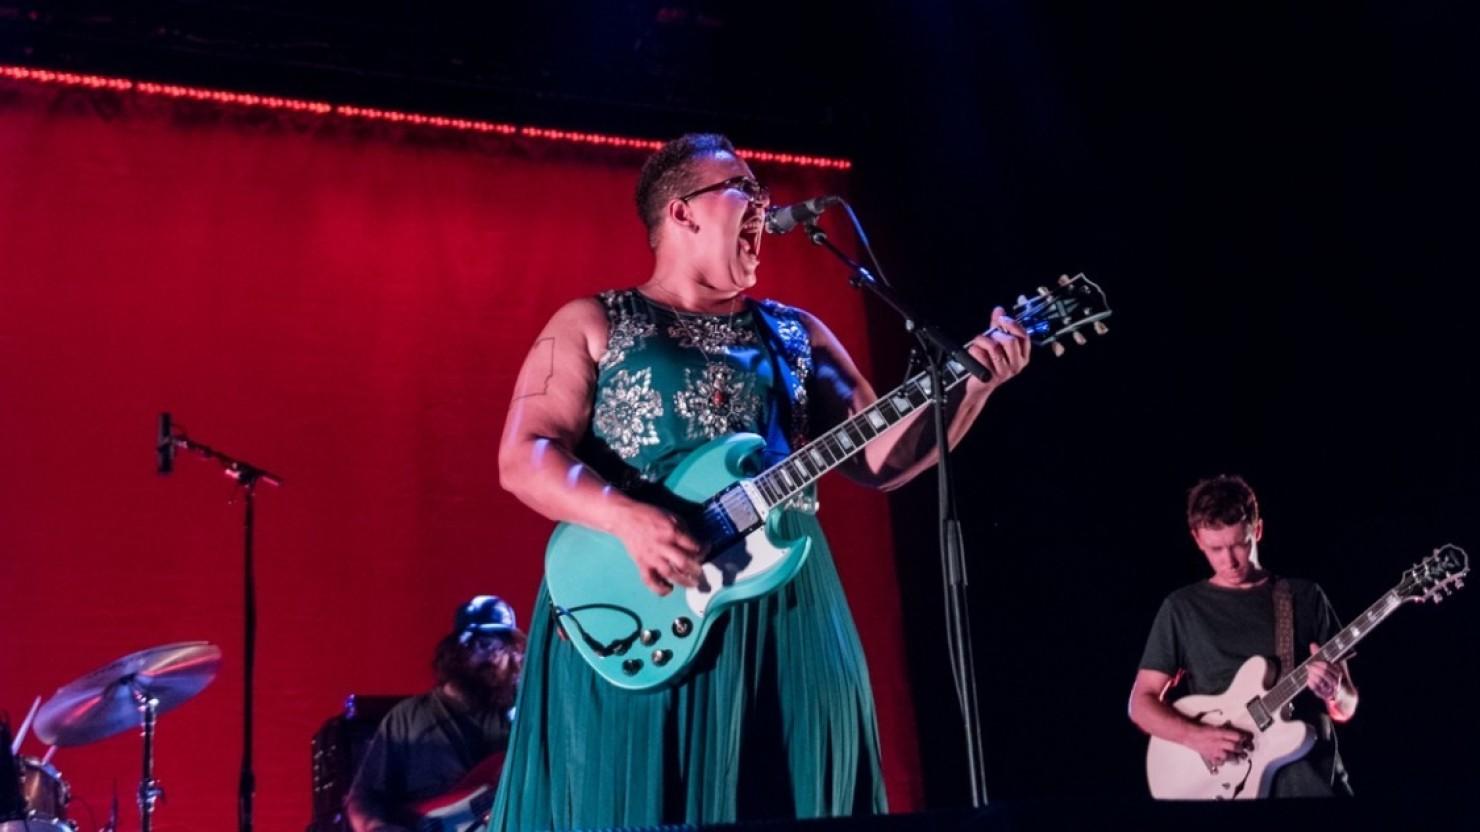 Alabama shakes tour dates in Brisbane